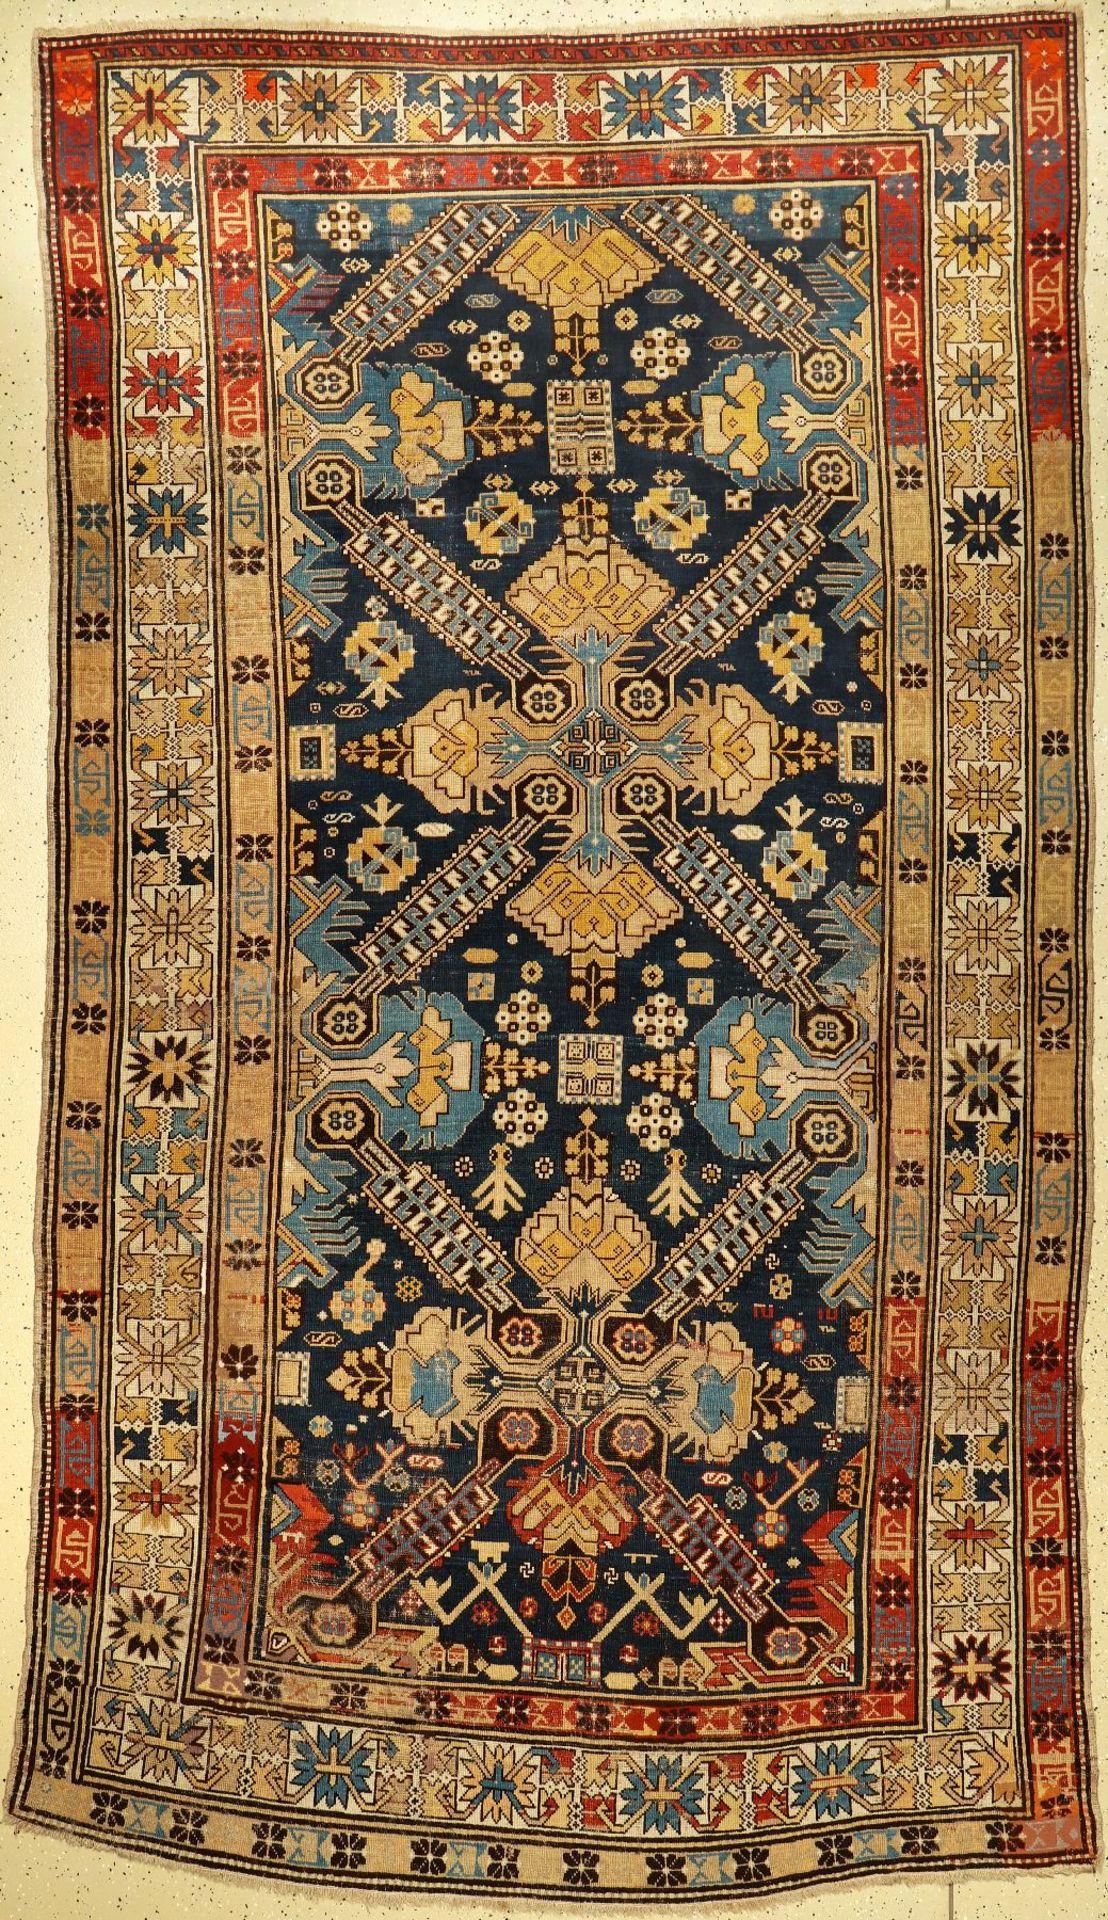 Derbend antik (Seikur Muster), Kaukasus, um 1900, Wolle auf Wolle, ca. 328 x 195 cm, EHZ: 3-4.